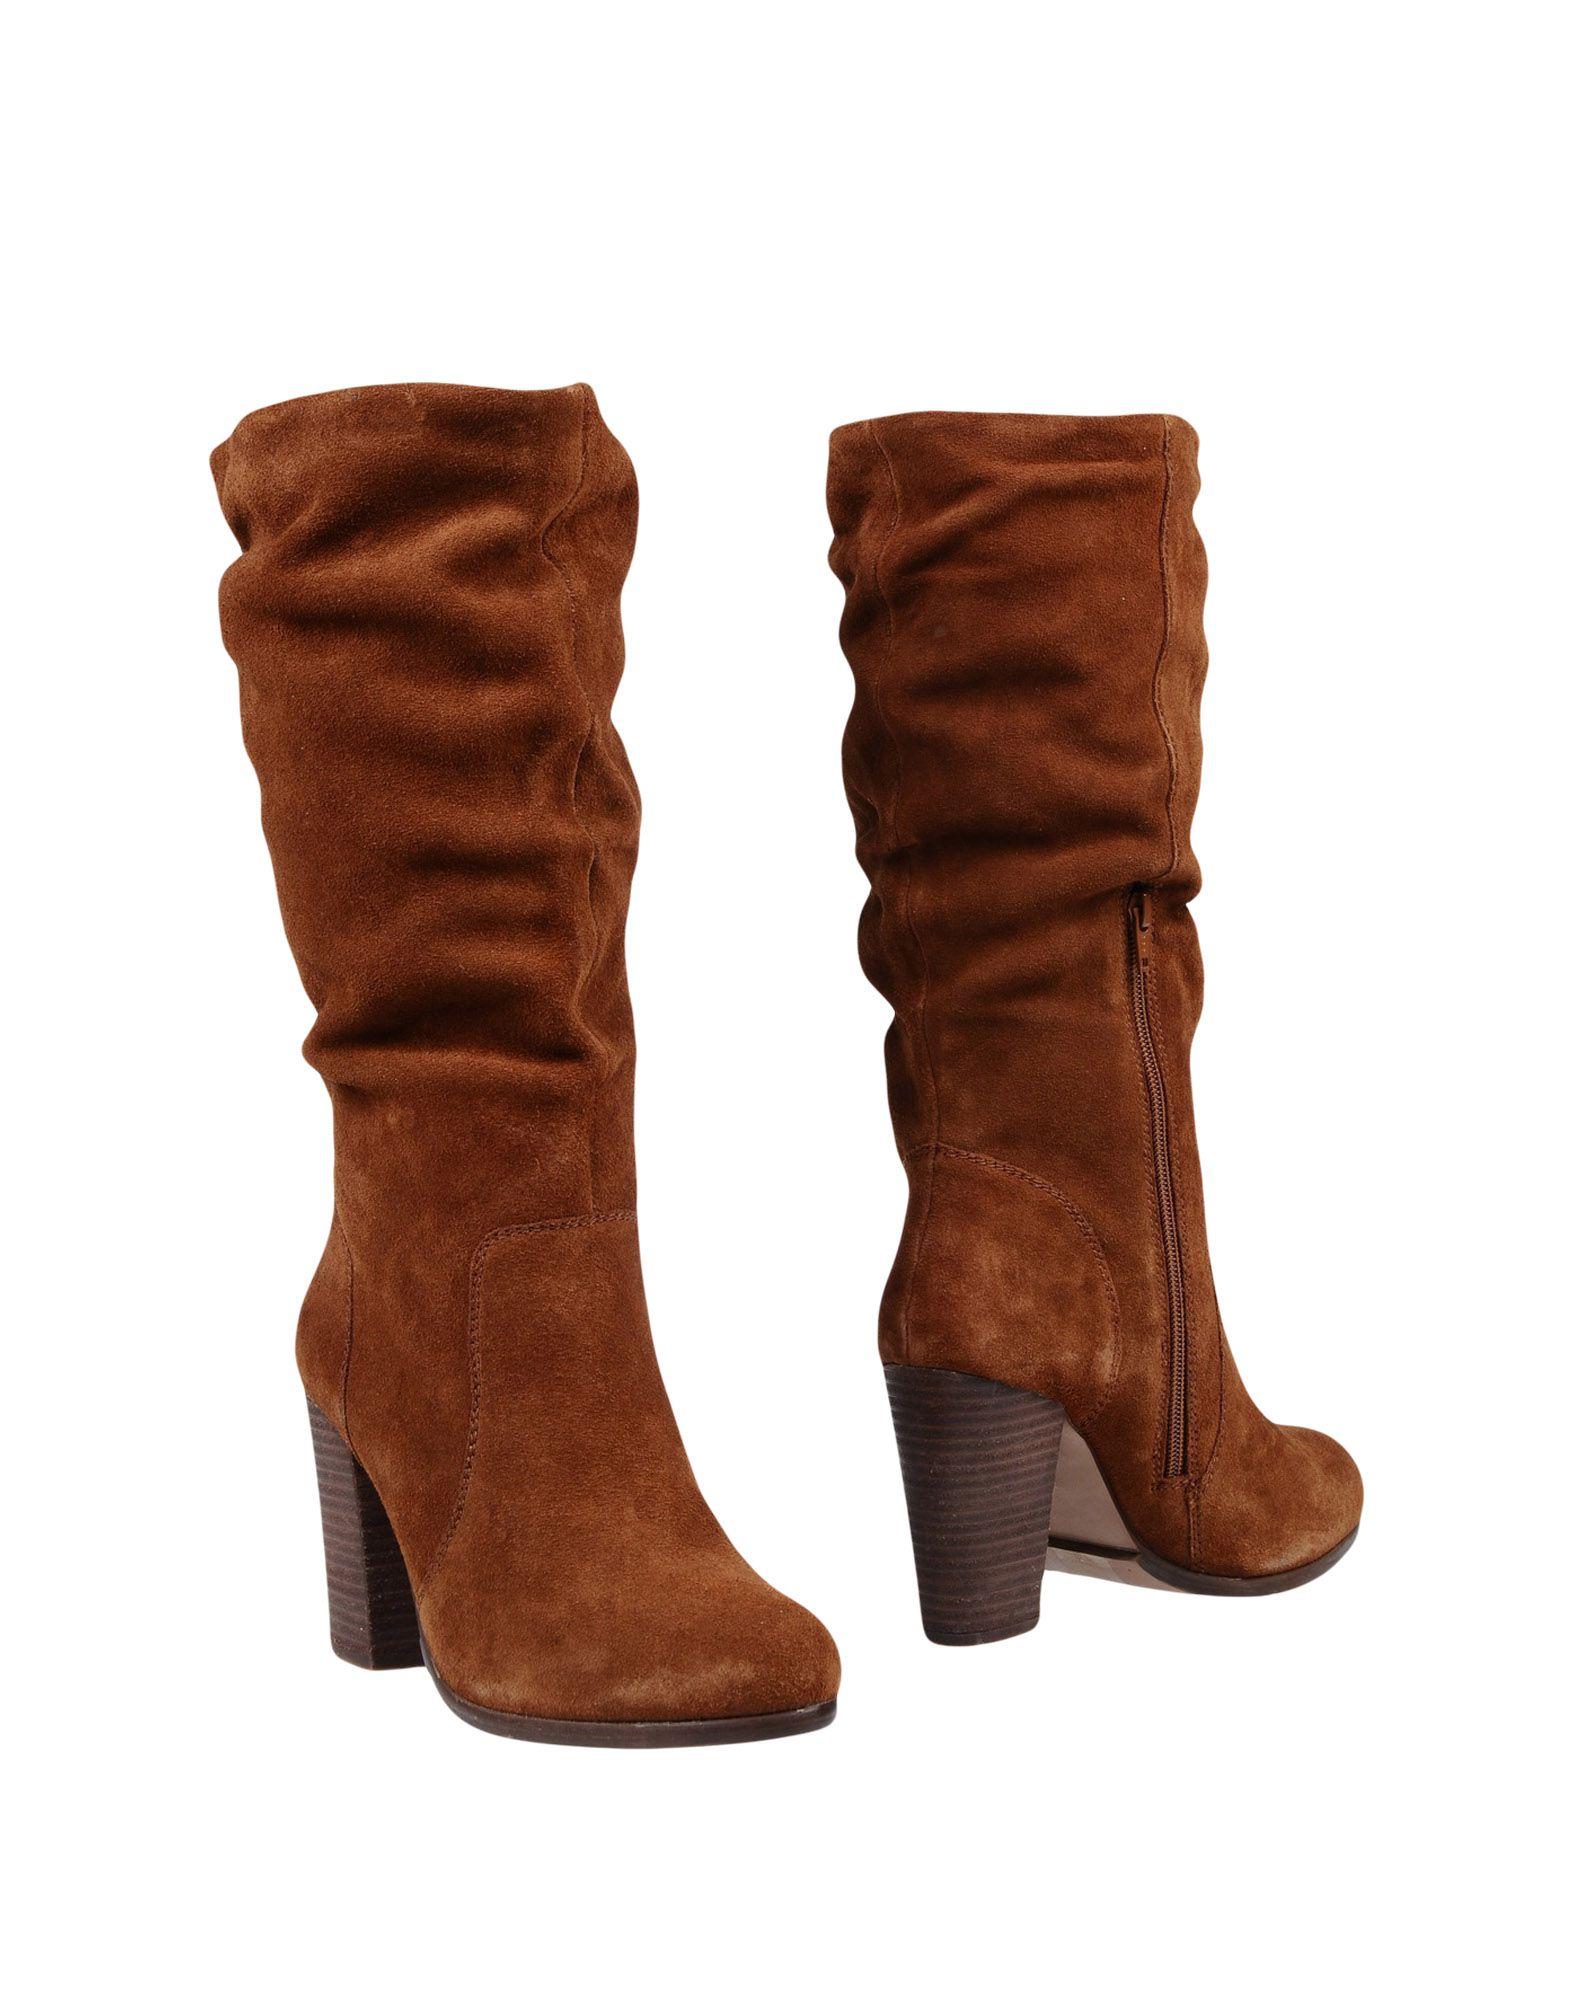 Spm Shoes&Boots Stiefel Damen  11410388UK